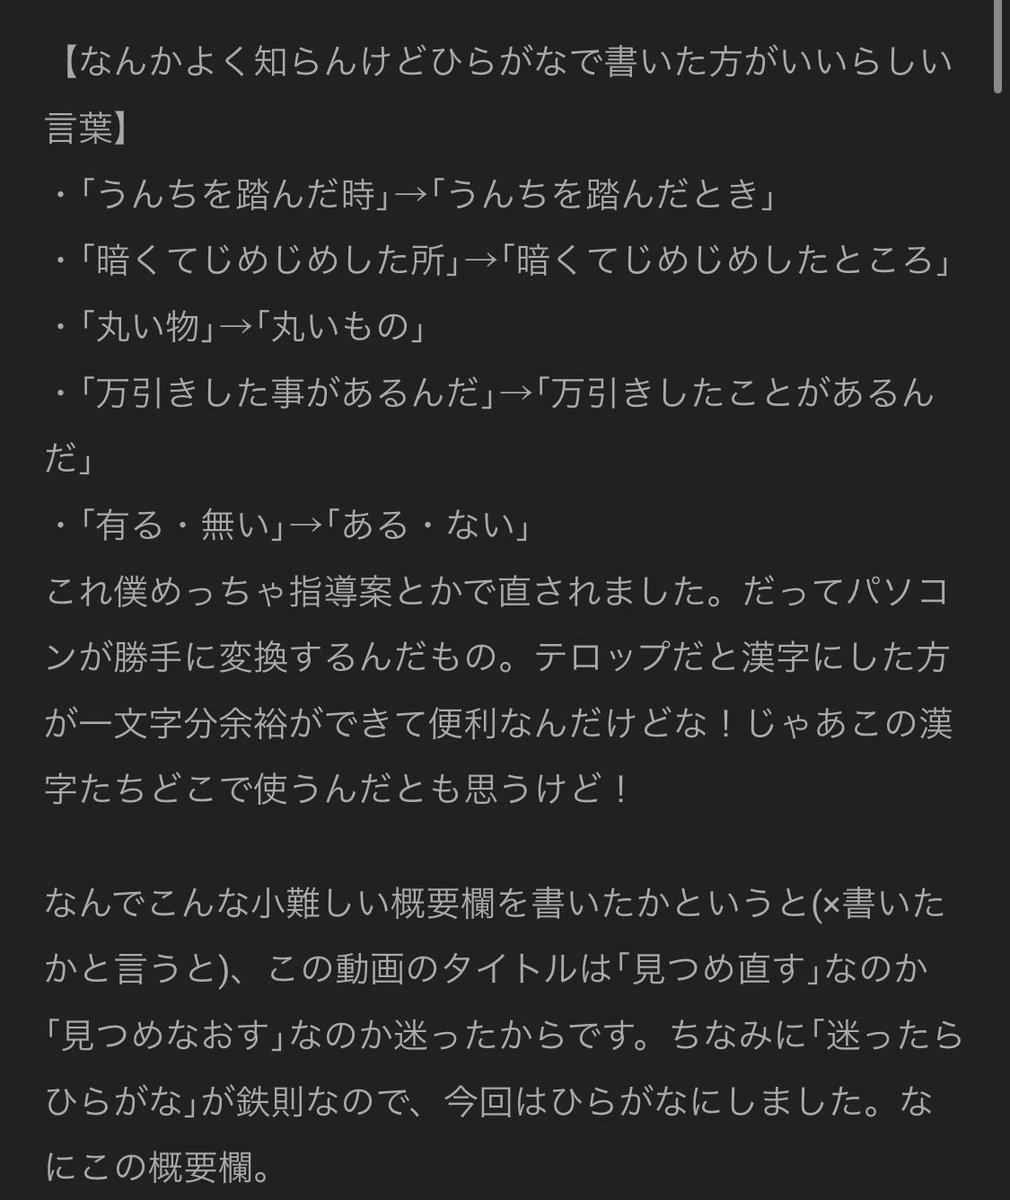 先日のサブの概要欄を読んでいたので、この「テイ」という表記にも意味があるのかな?などと考えてしまった…!「体」ではなく音読みで視聴者が読みやすくカタカナにしたのかなとか…。日本語の意味を考えるの好きなのでこういうページずっと見ちゃう